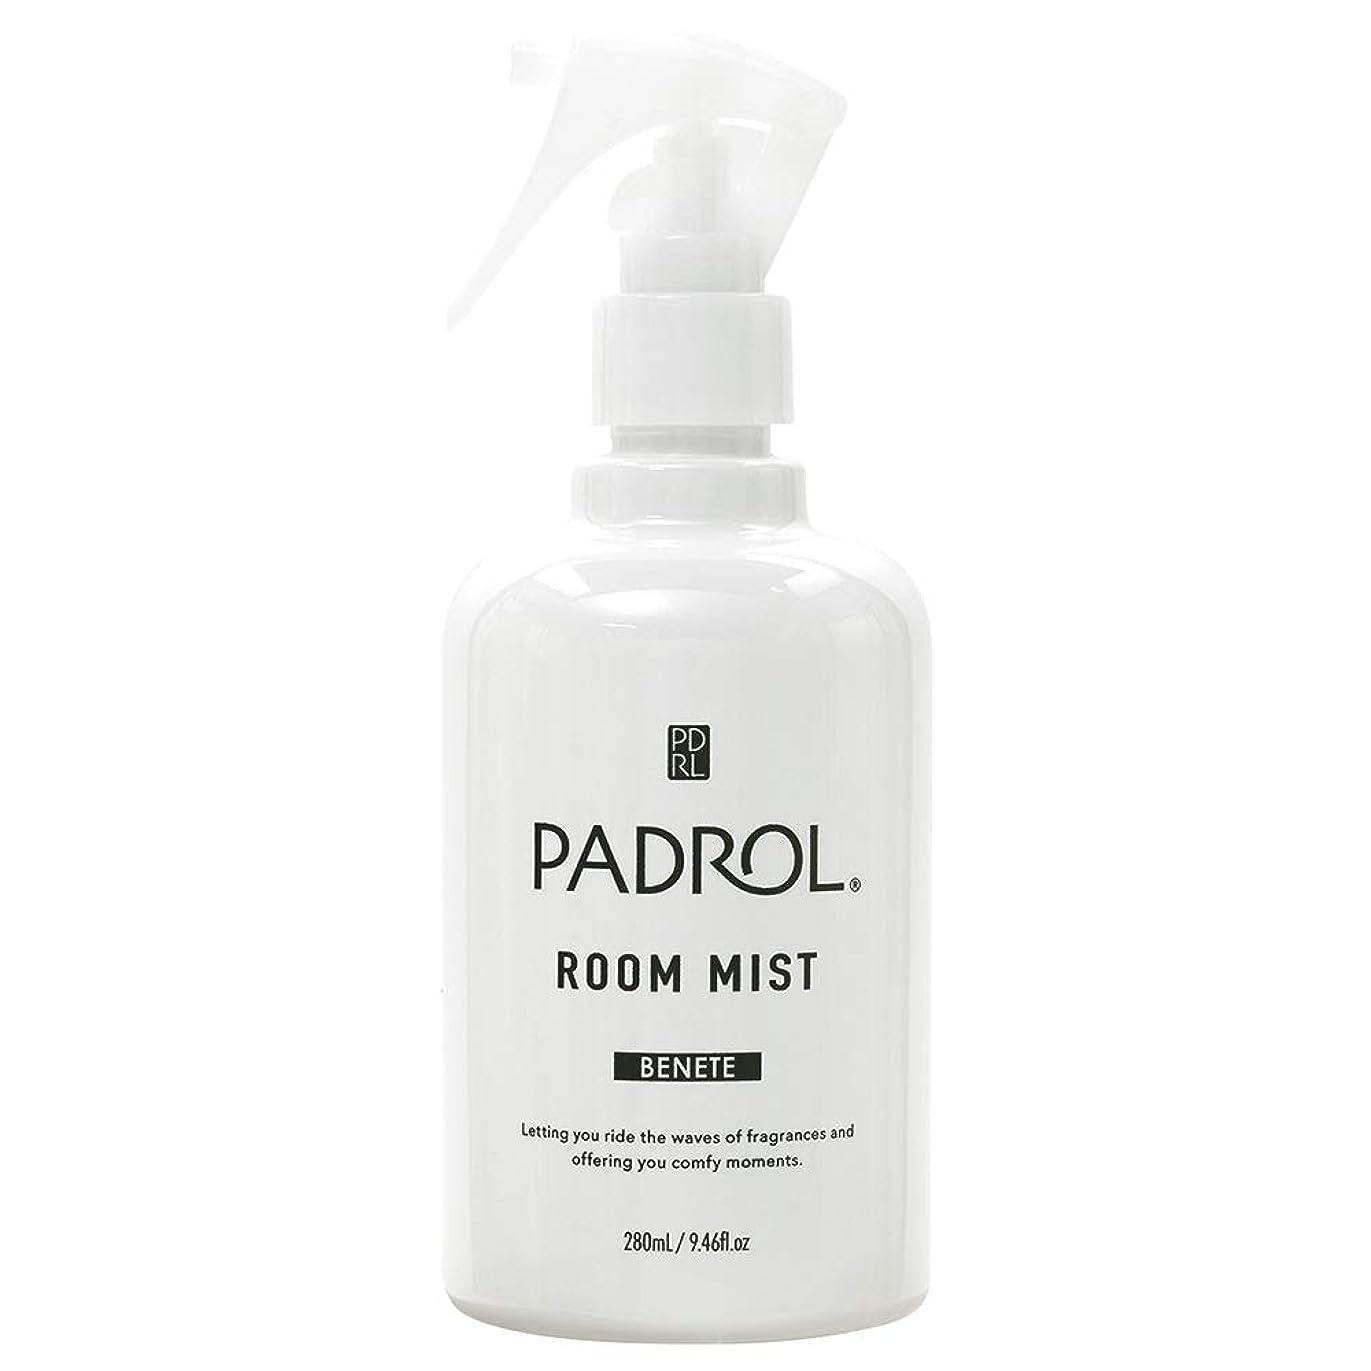 混乱させる方法論フラップノルコーポレーション ルーム&ファブリックミスト PADROL ホワイトムスクの香り 280ml PAB-2-01